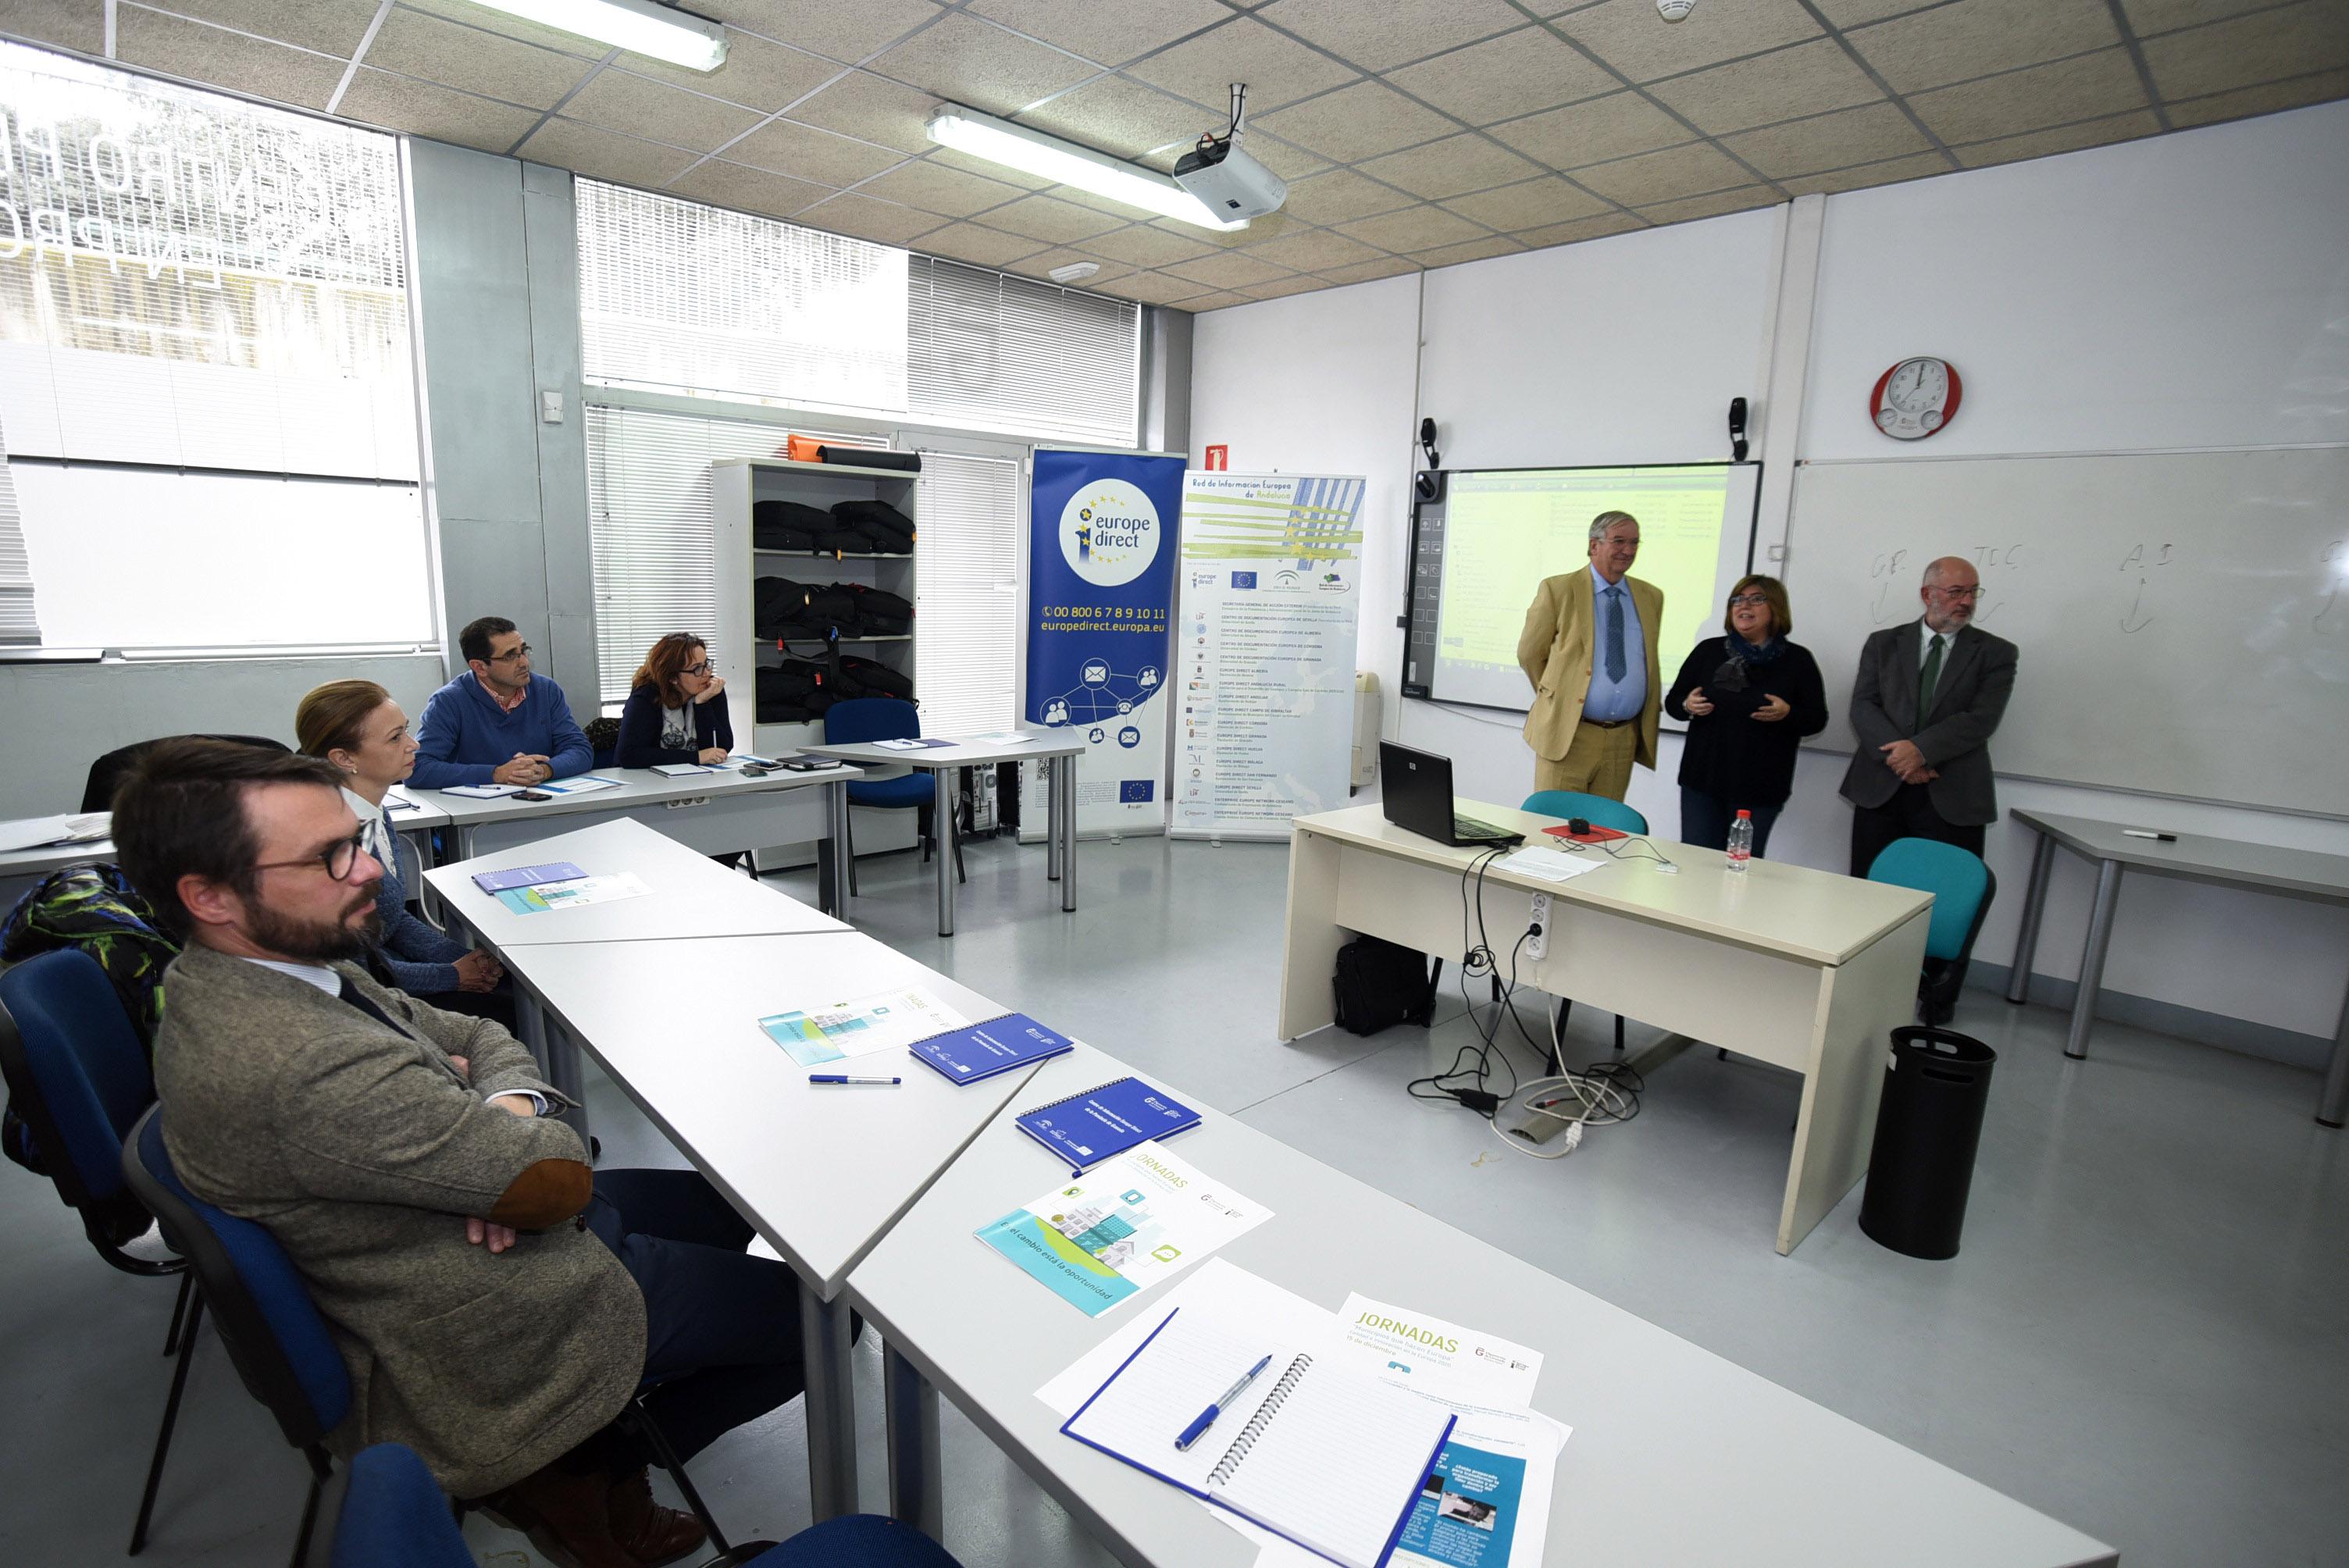 El Centro de Información Europe Direct de Diputación se une a la campaña de  debates ciudadanos por Europa